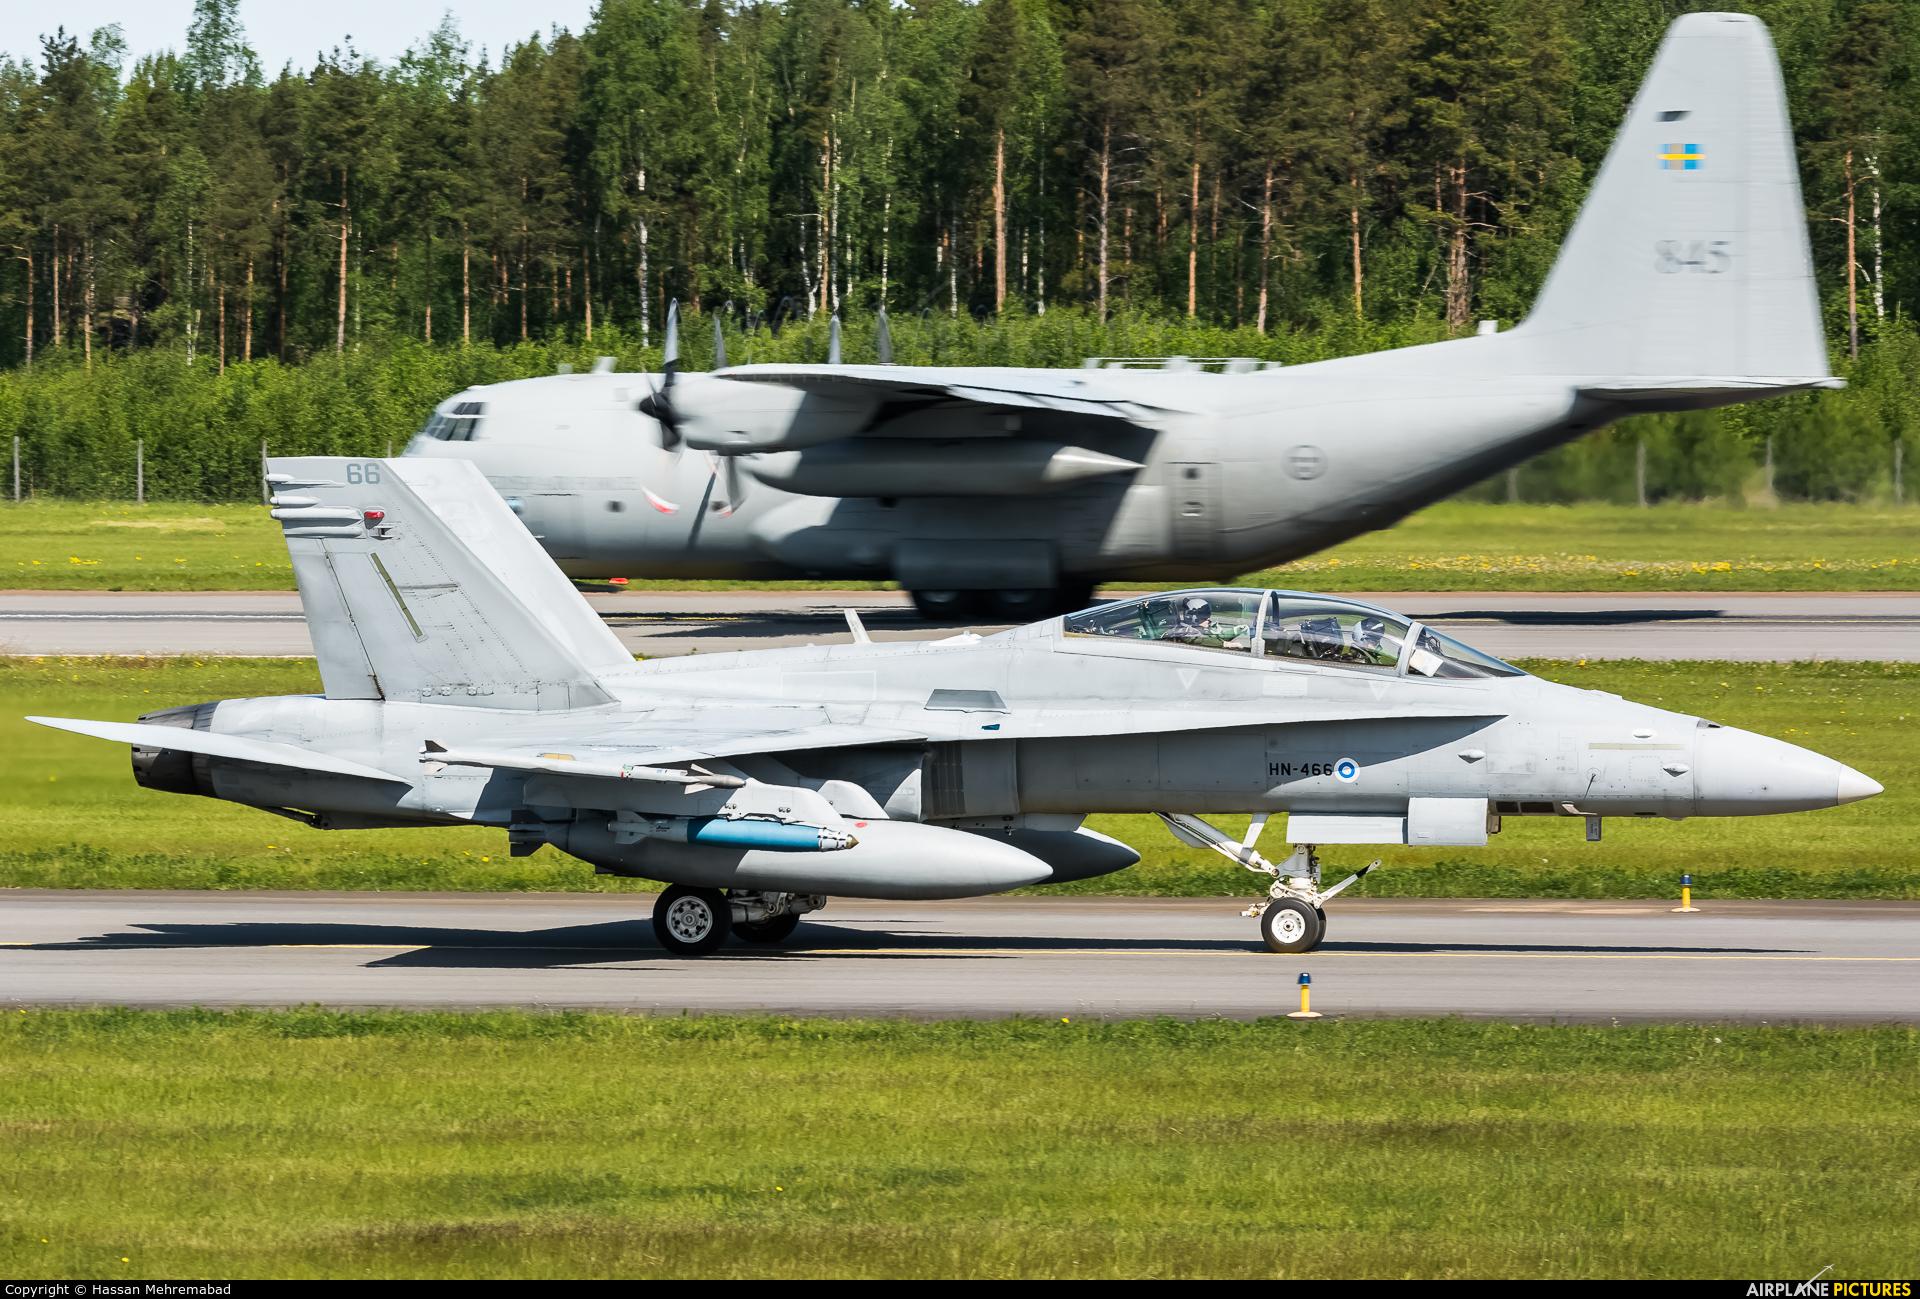 Finland - Air Force HN-466 aircraft at Turku